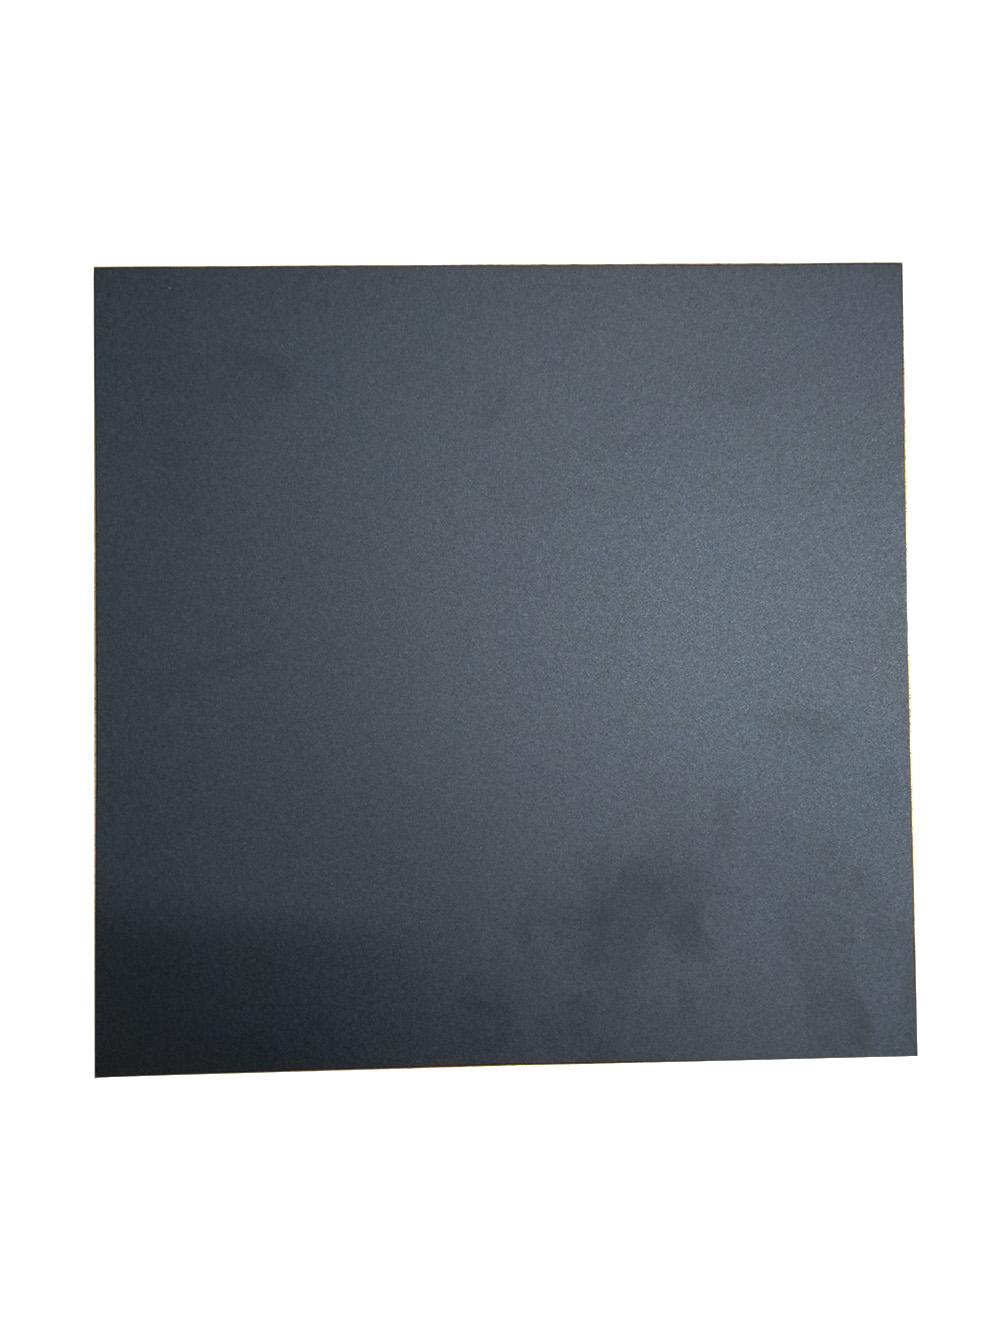 tam-dan-decal-ban-nhiet